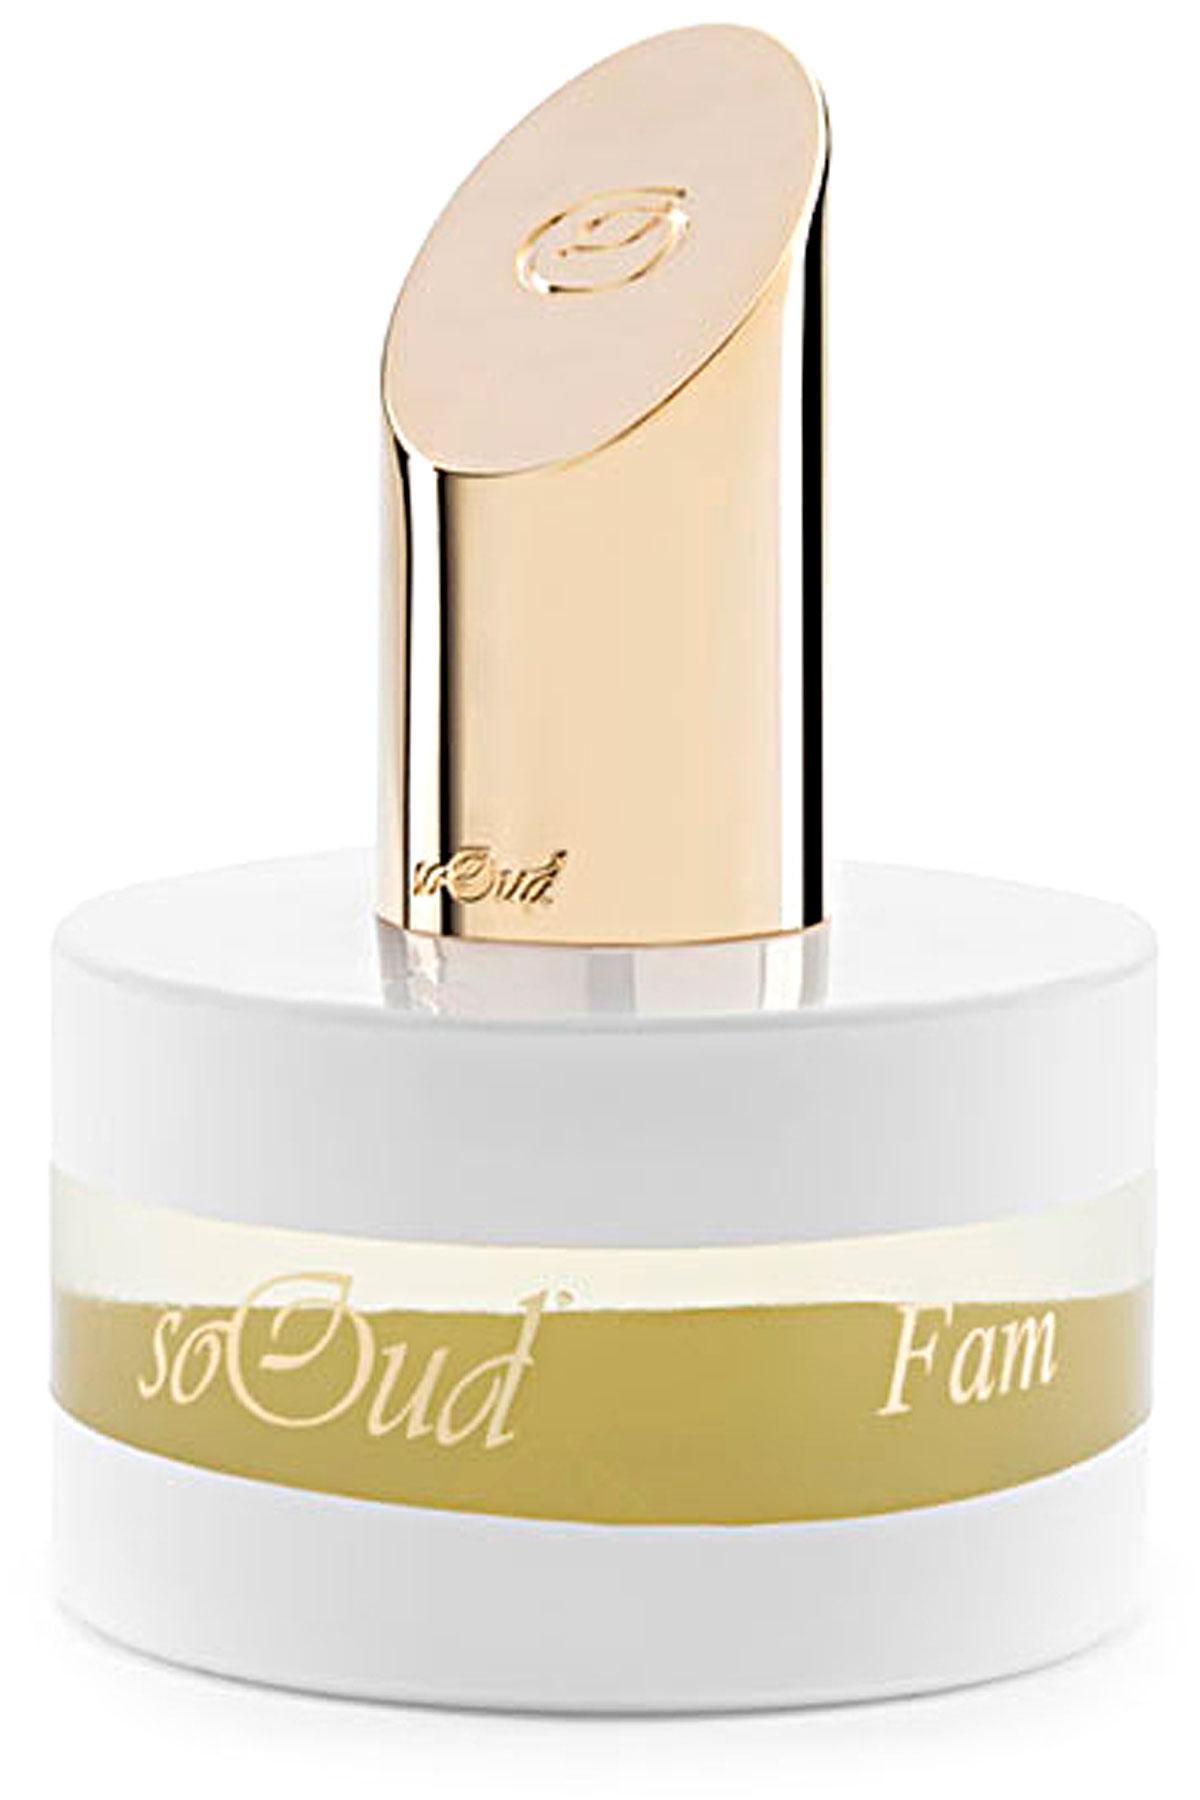 SoOud Fragrances for Women, Fam Oud - Eau Fine - 60 Ml, 2019, 60 ml